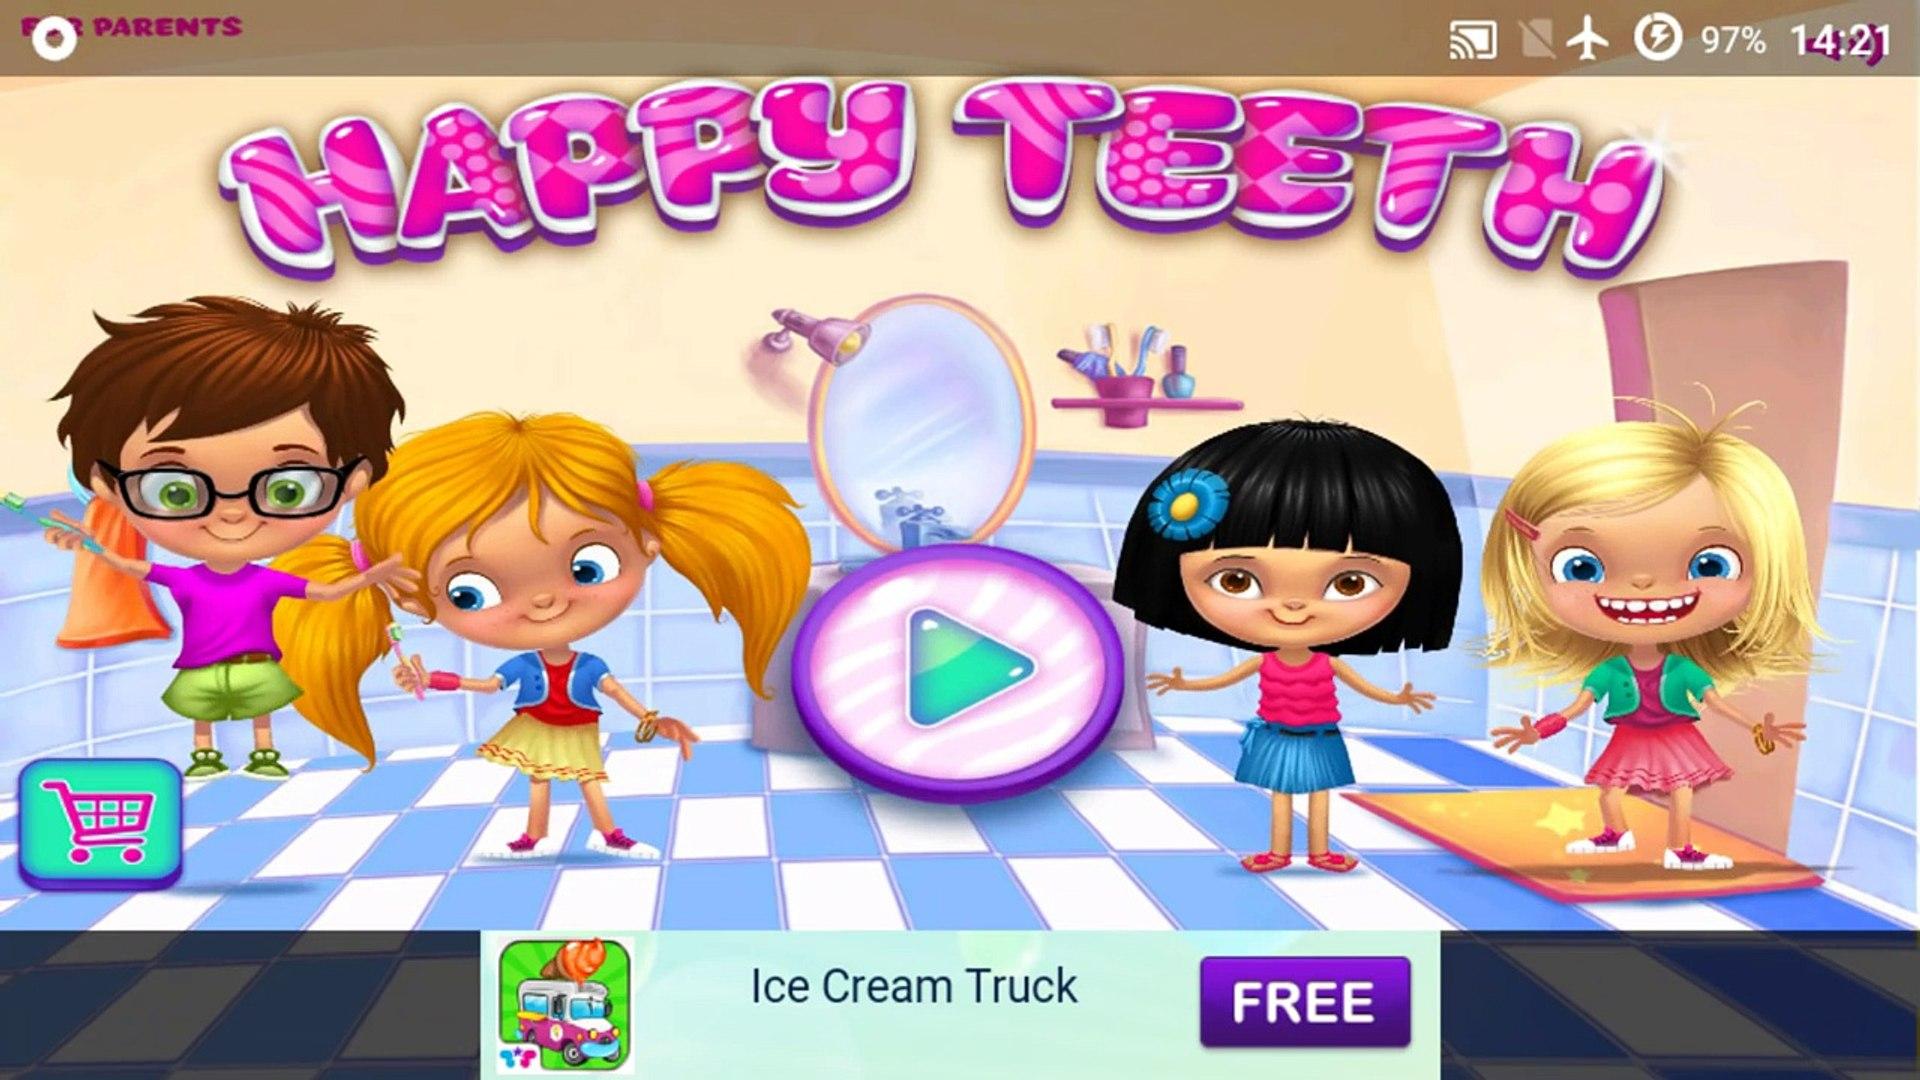 Happy Teeth Healthy Kids - Android gameplay TabTale Movie apps free kids